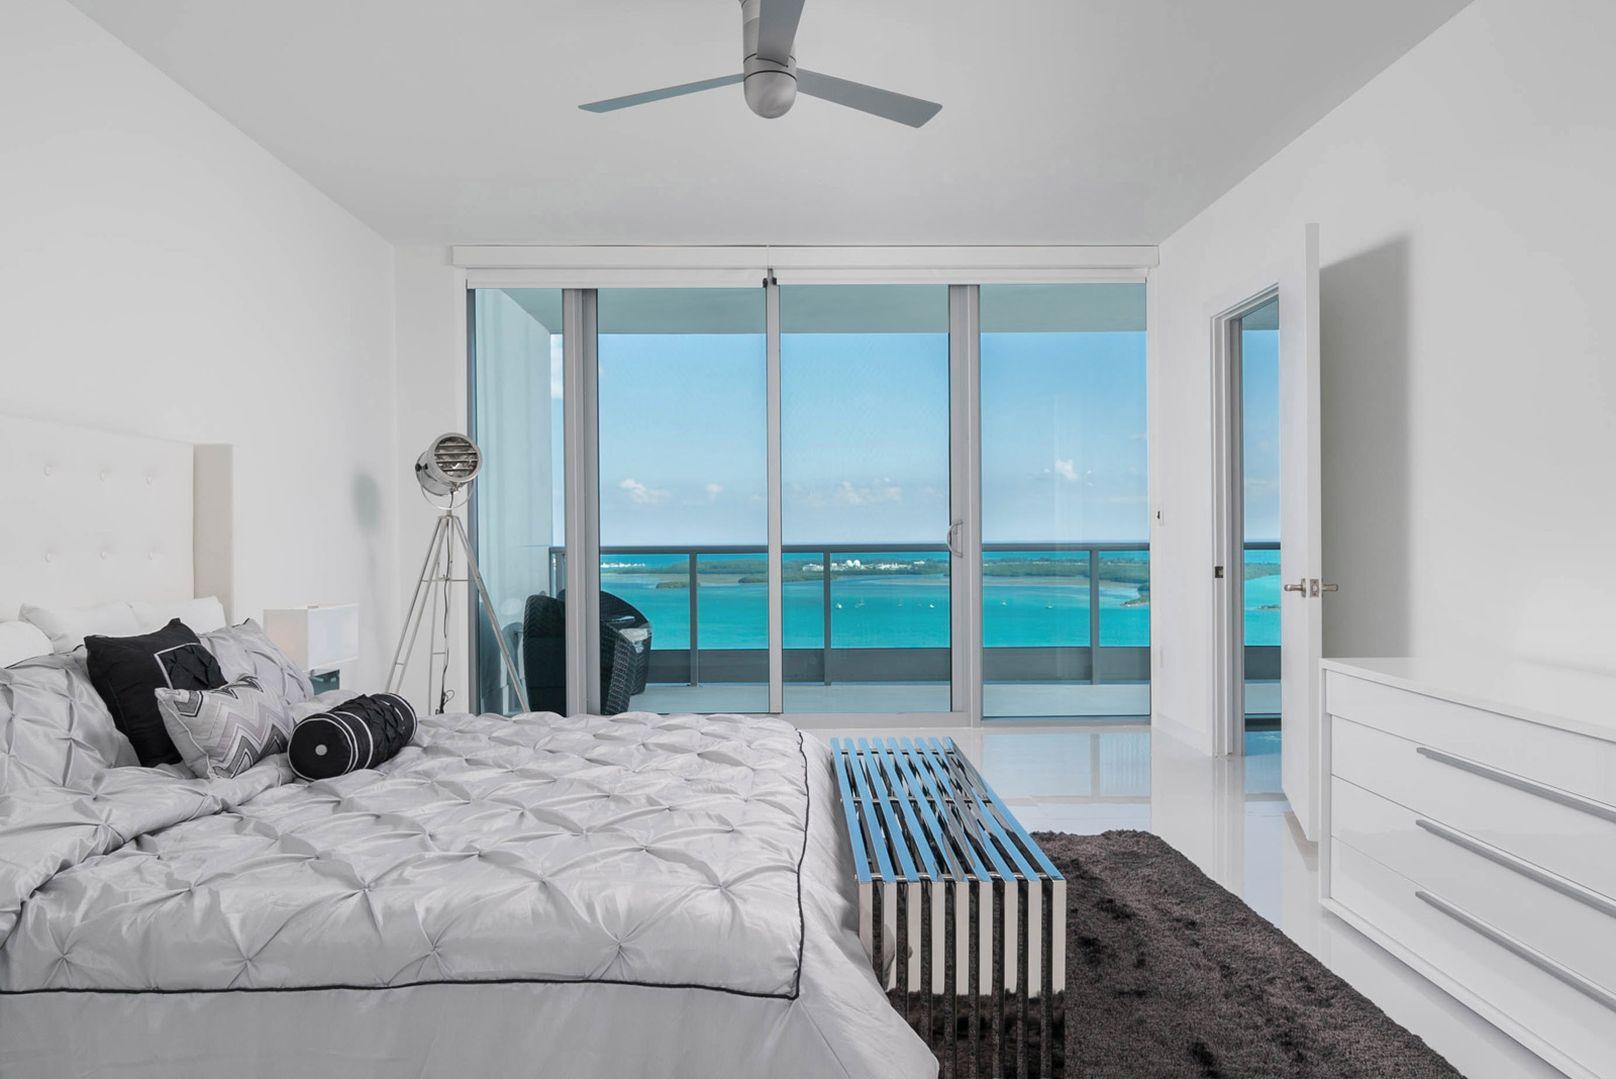 Jade at Brickell Bay master bedroom